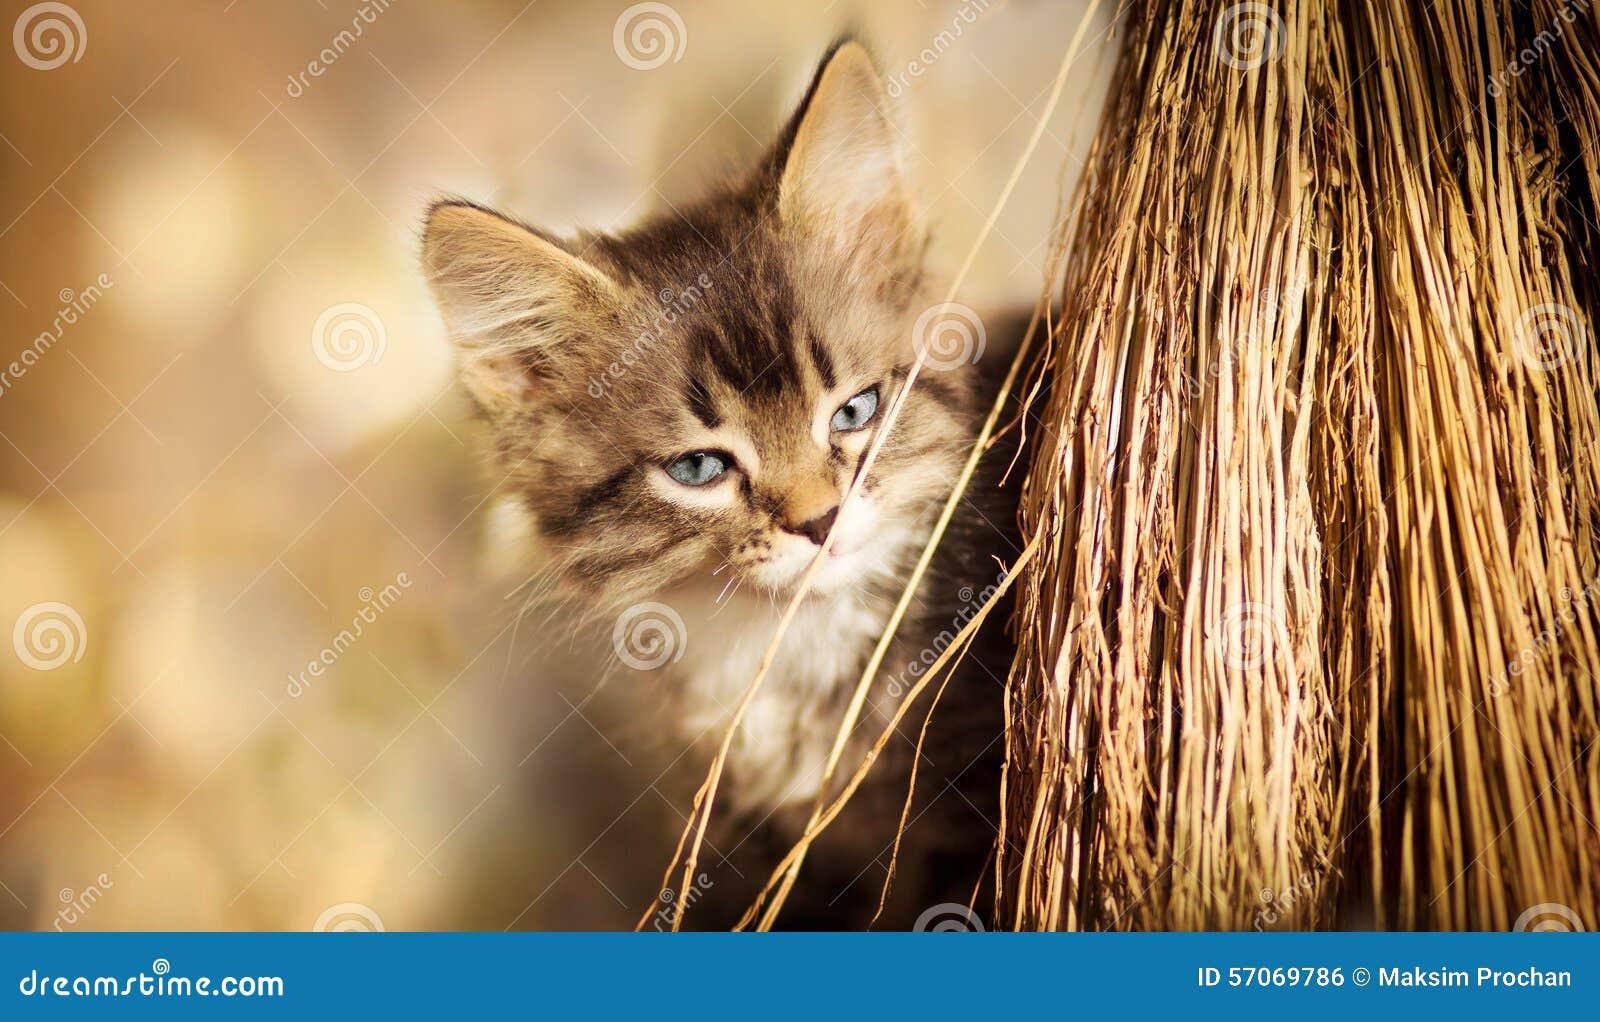 Portret van een katje met een bezem